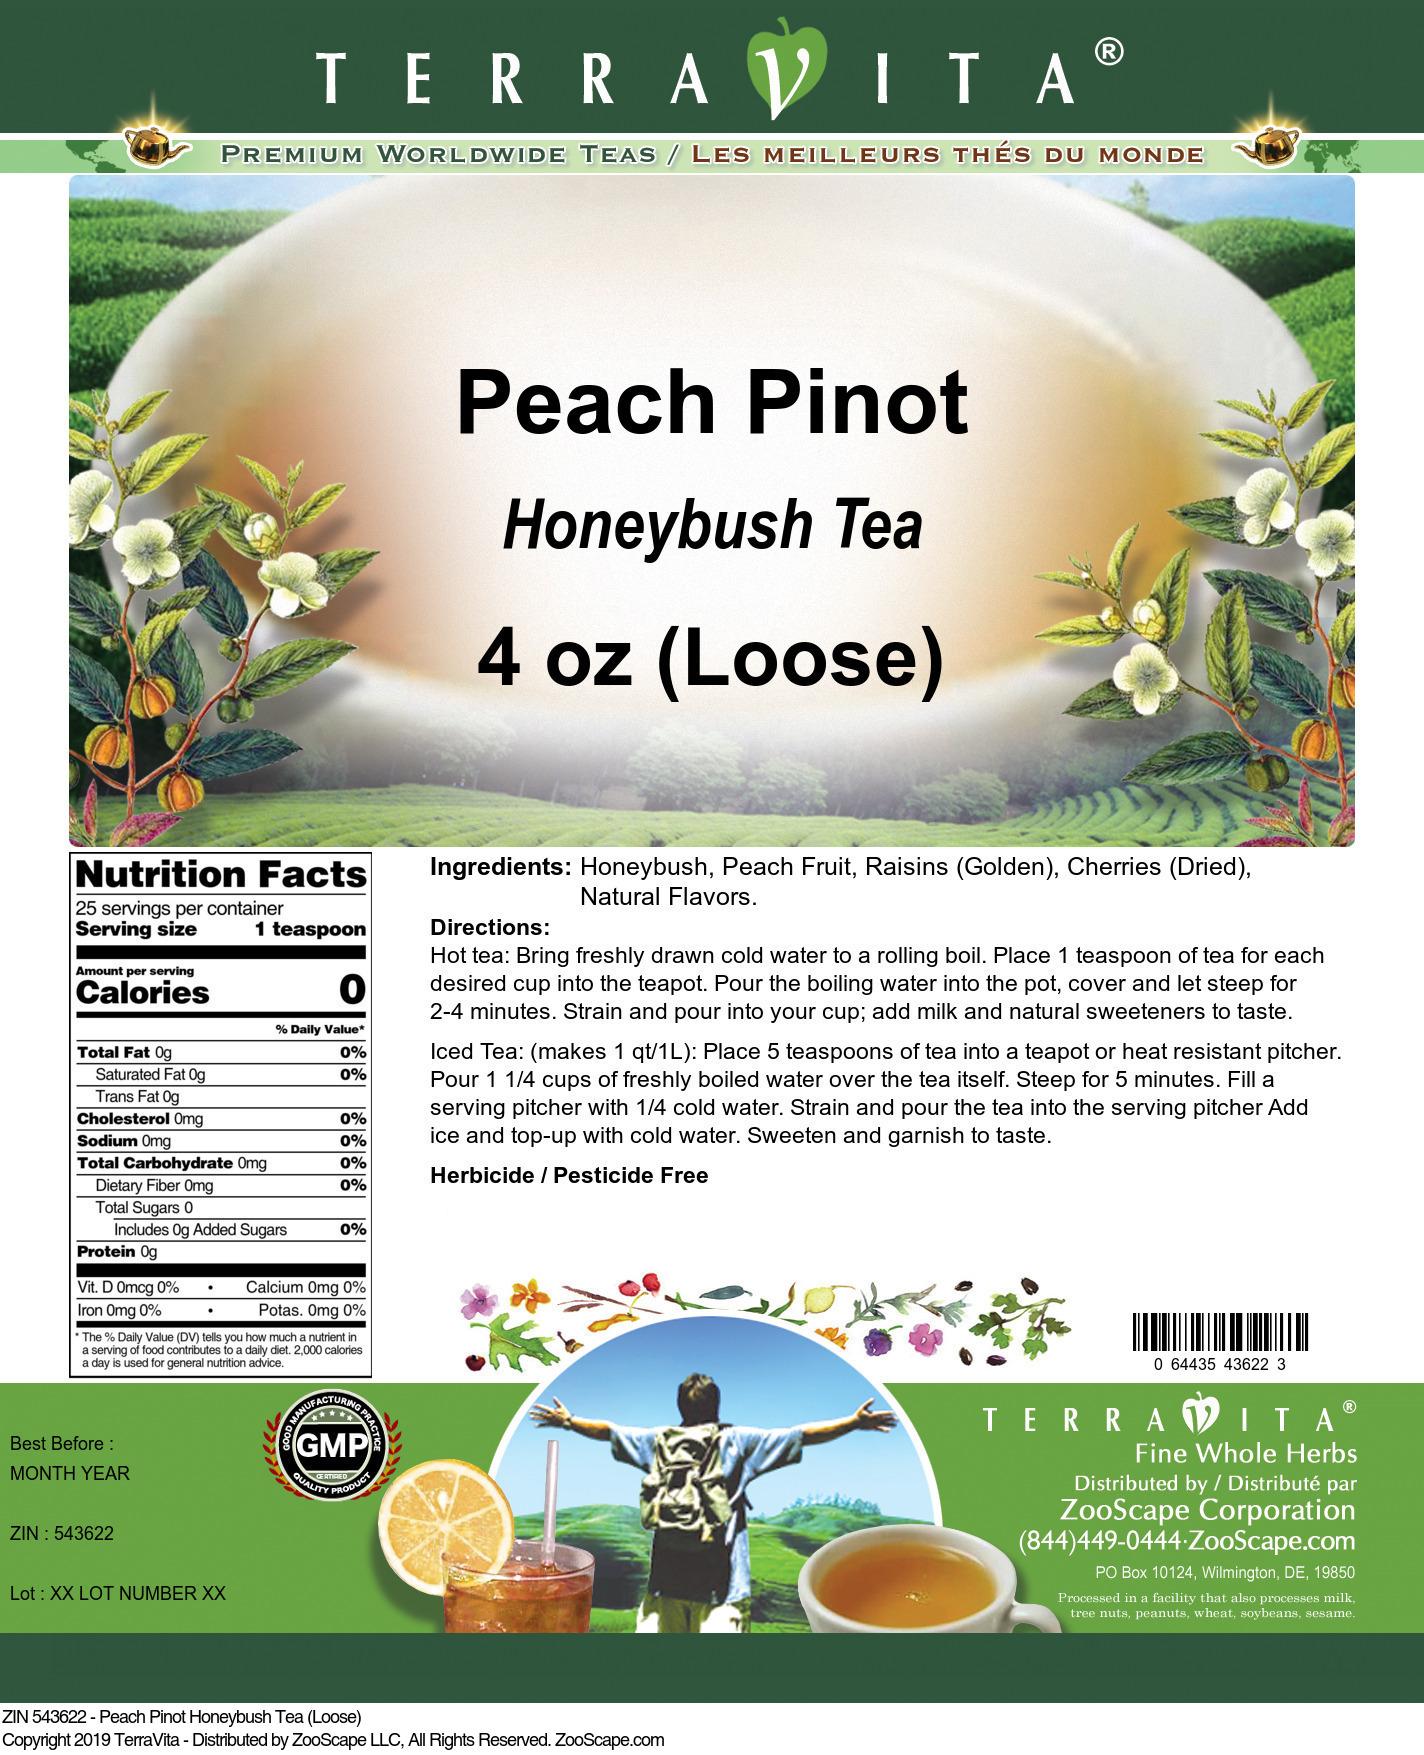 Peach Pinot Honeybush Tea